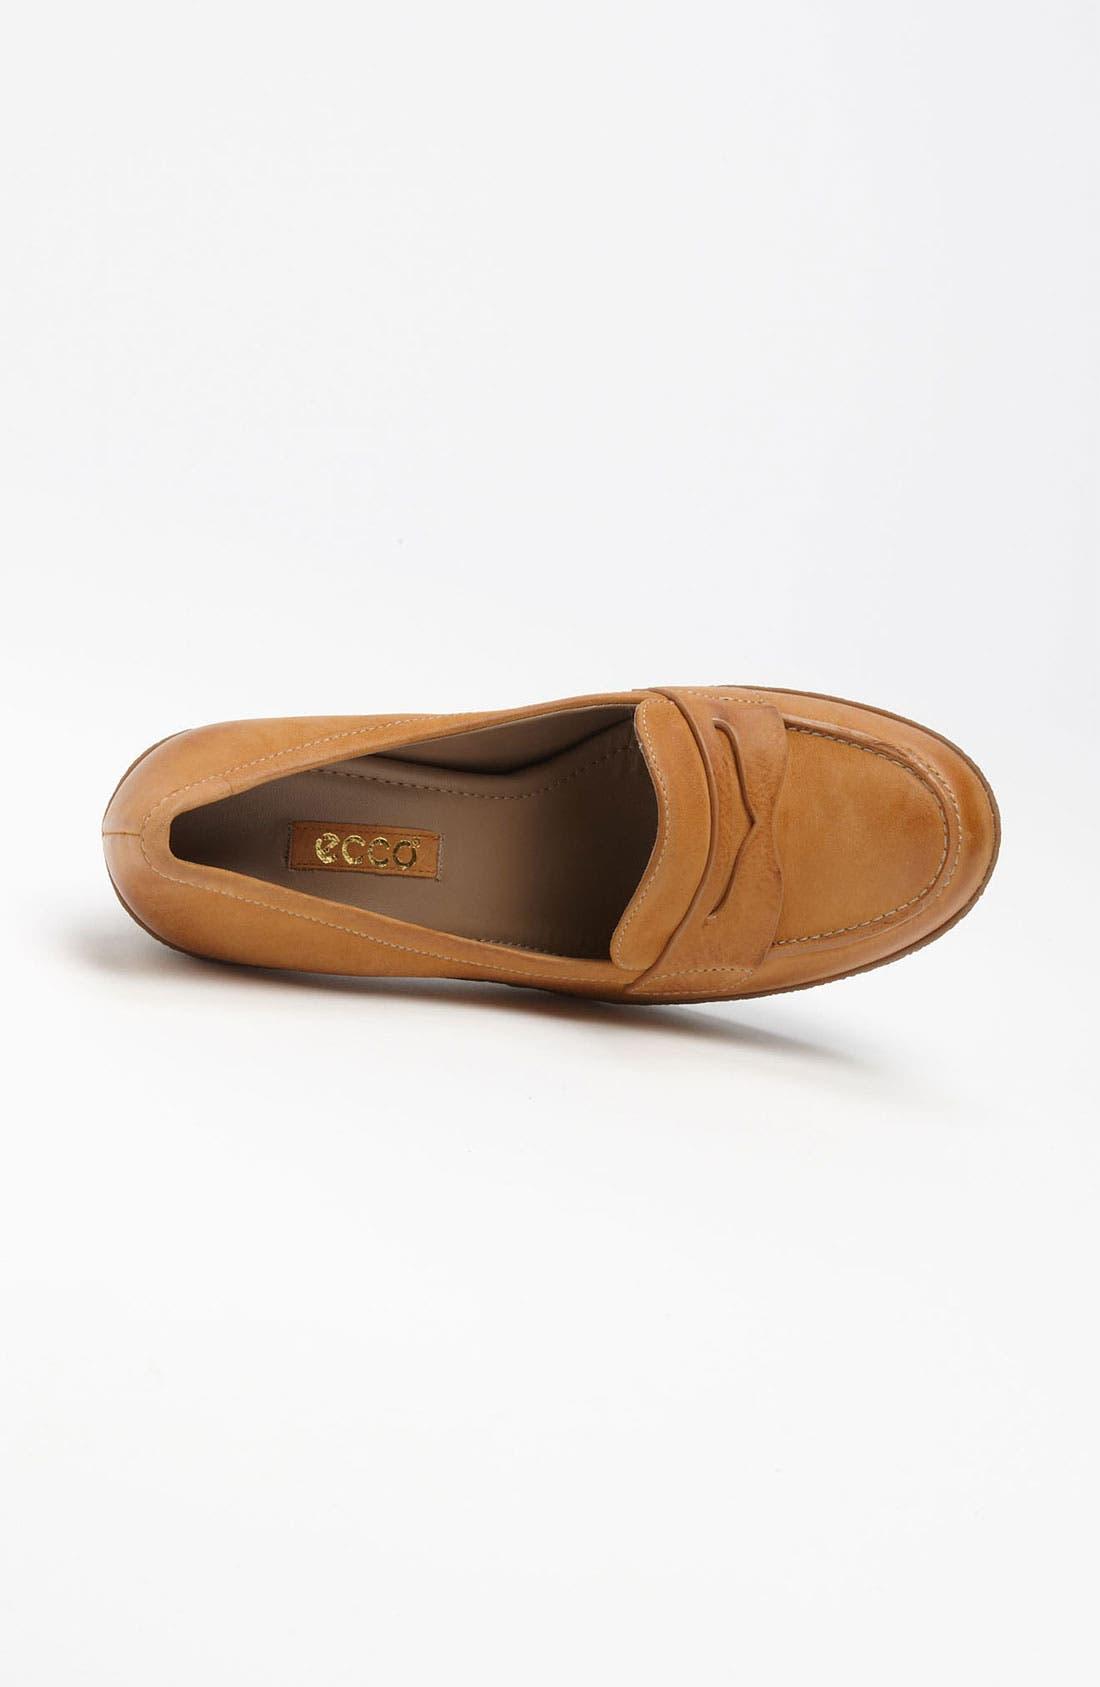 Alternate Image 3  - ECCO 'Normane' Loafer